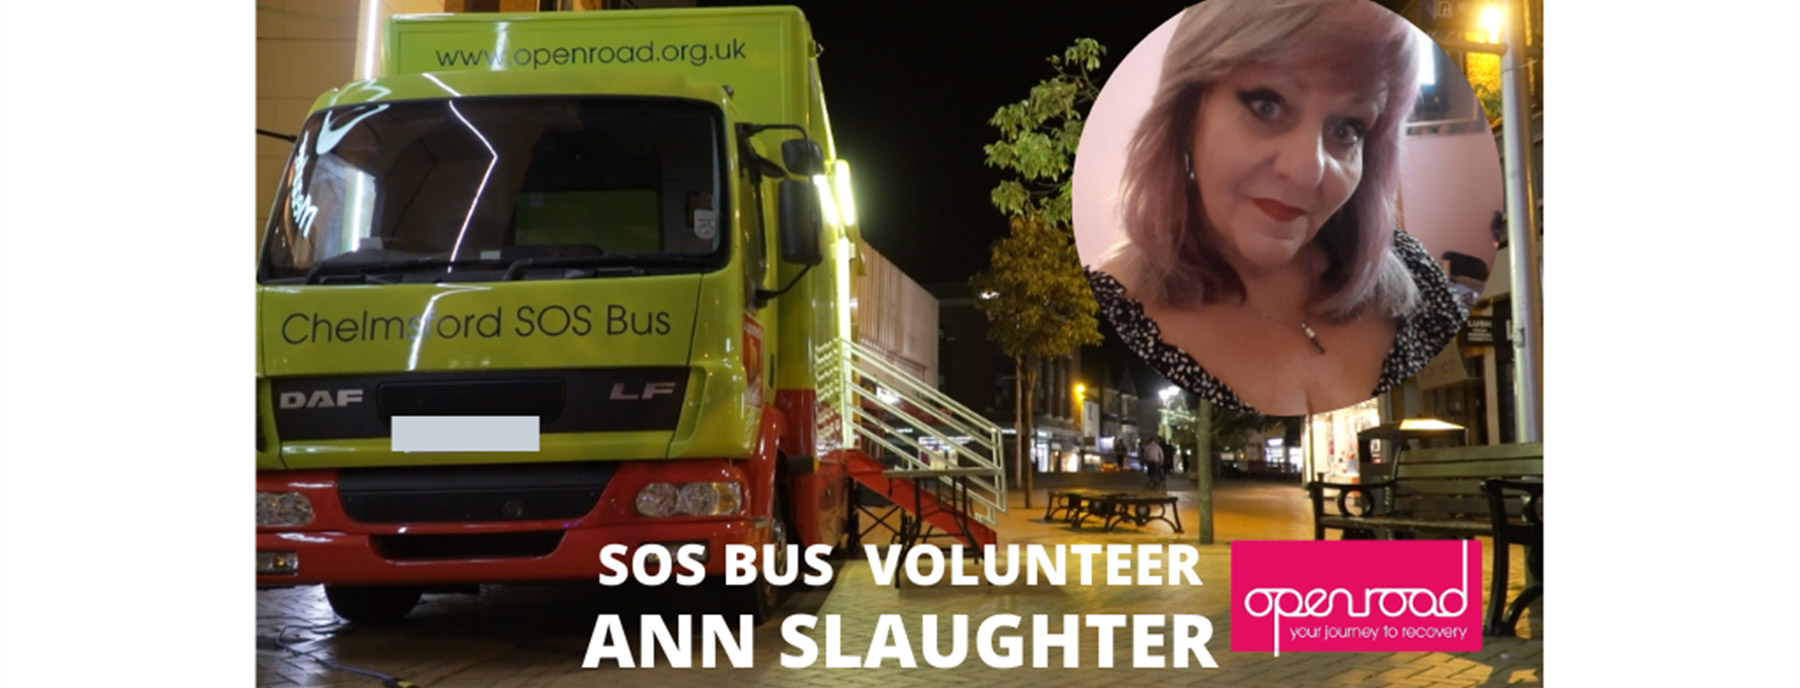 Ann Slaughter